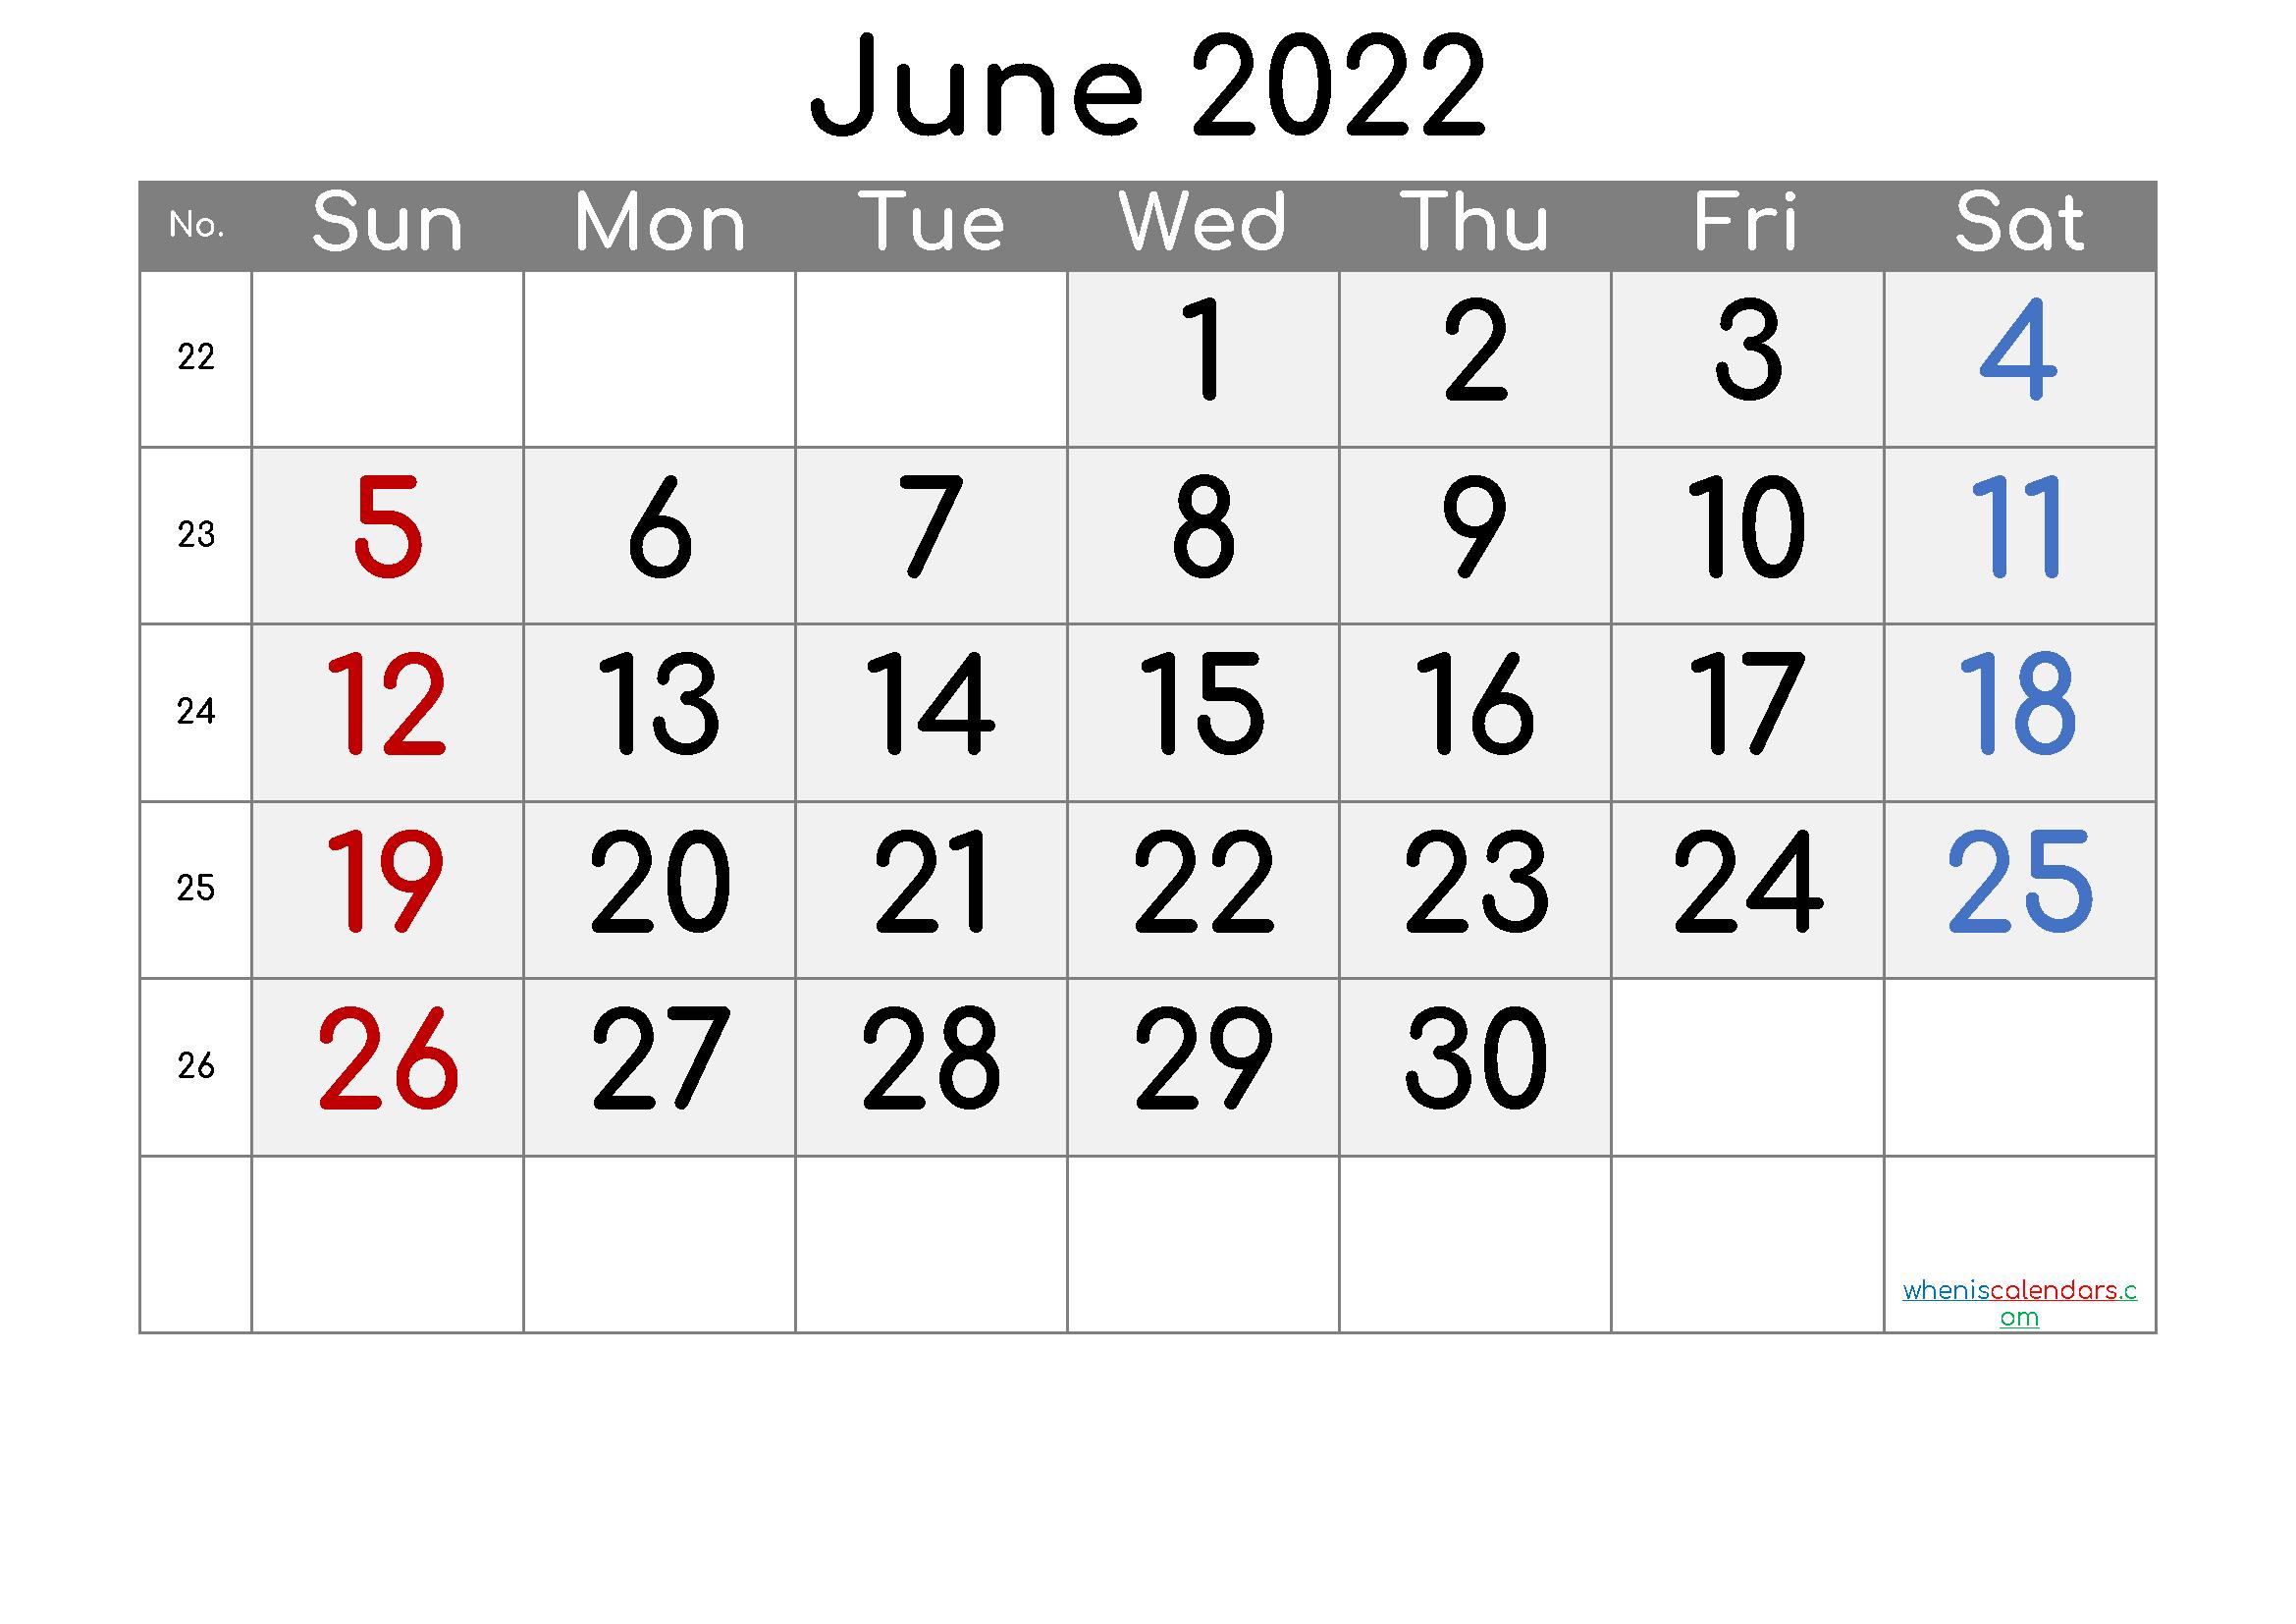 Free June 2022 Calendar with Week Numbers